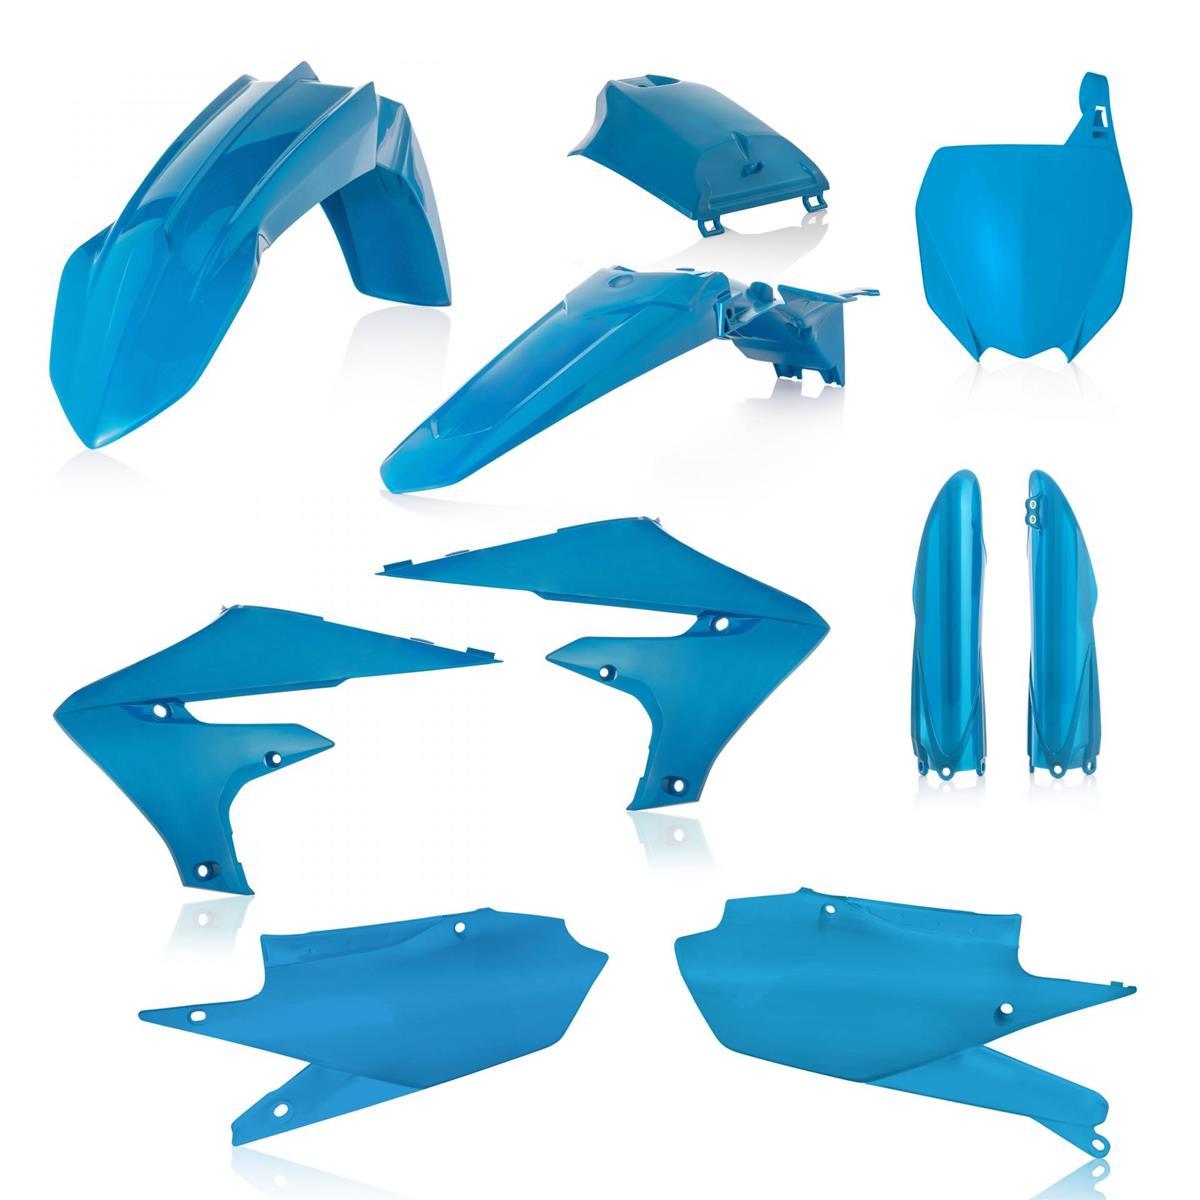 acerbis-plastik-kit-plastic-kit-full-kit-1 (1)lb